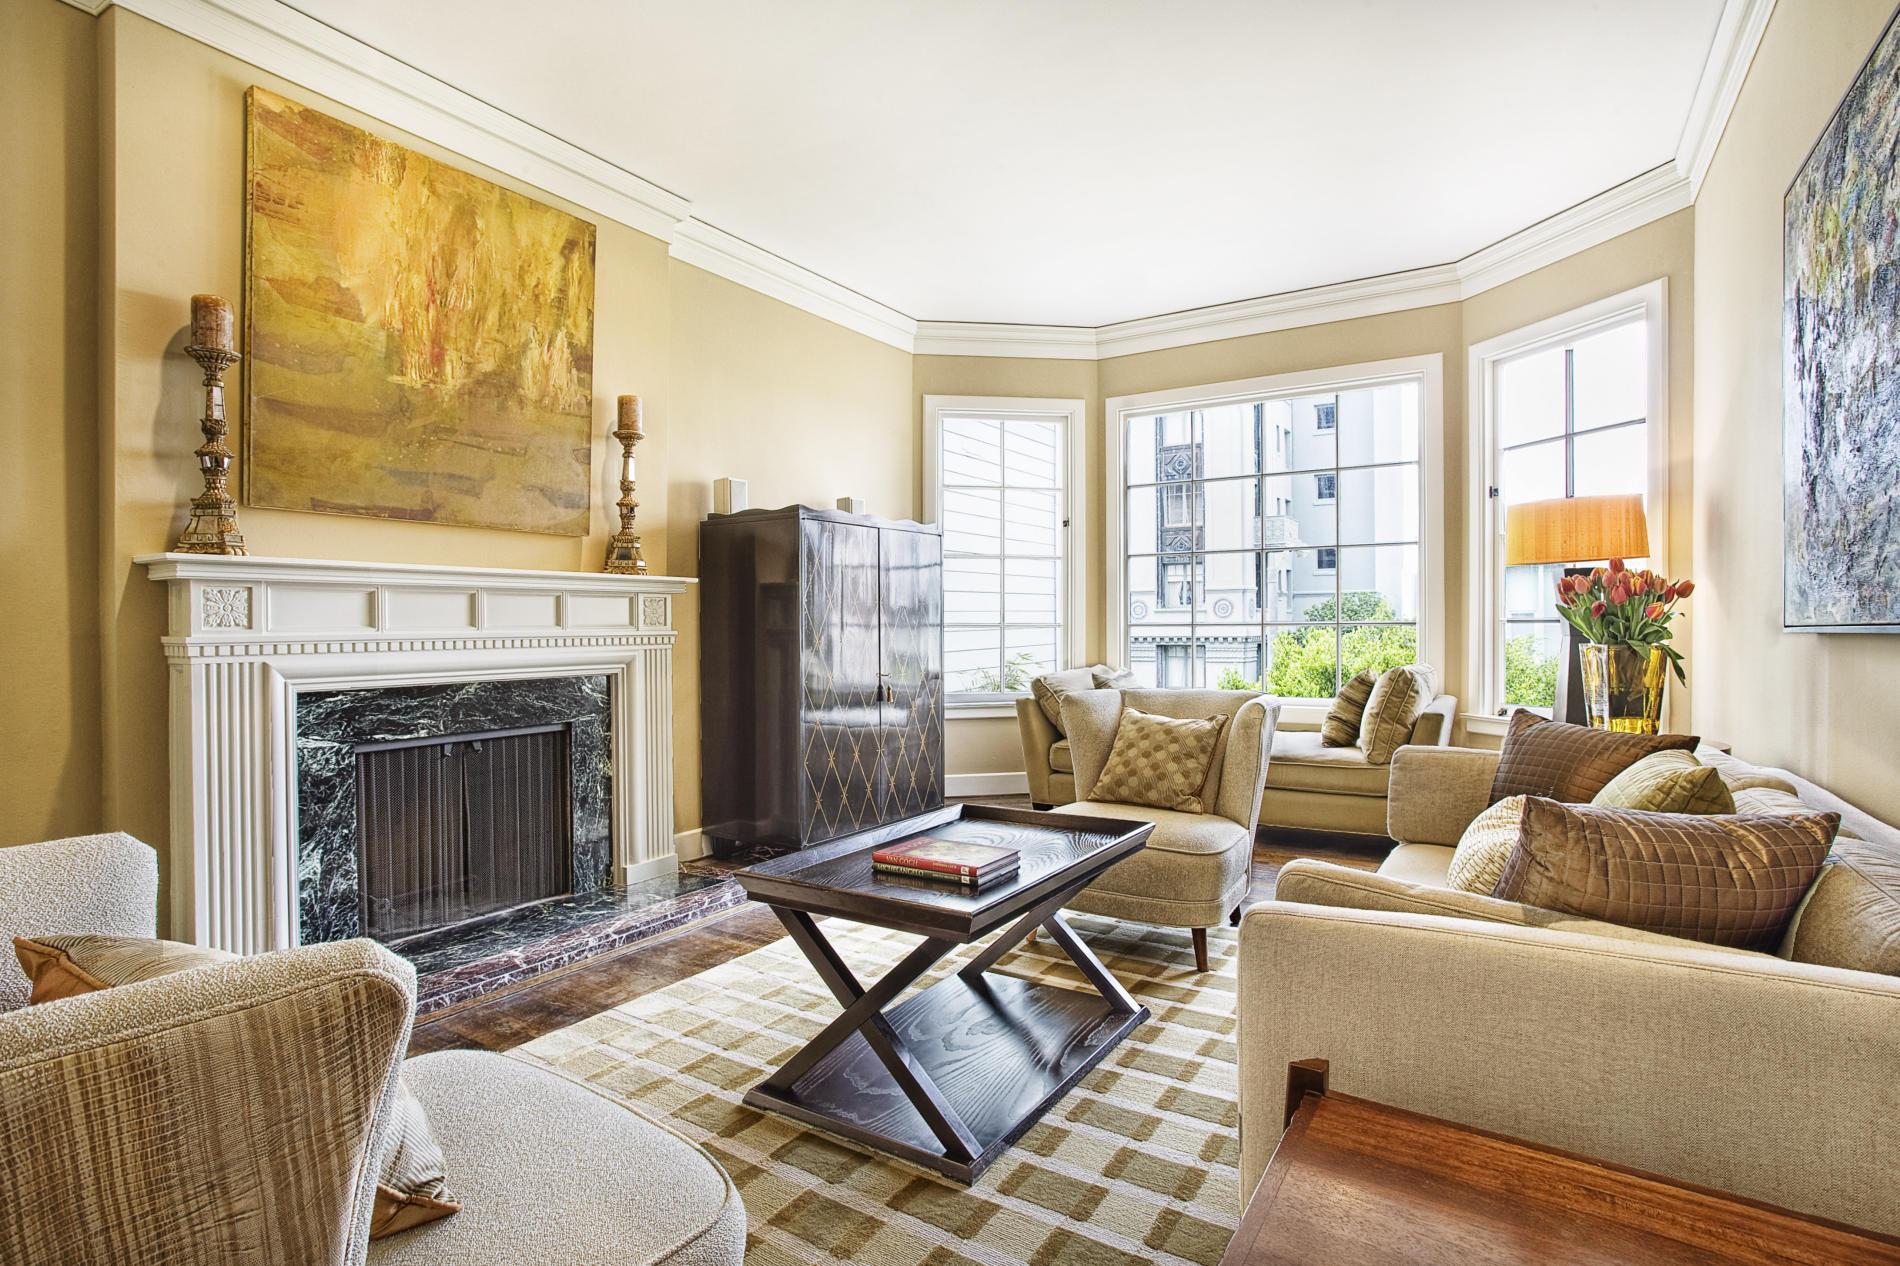 Традиционно гостиную обставляют мягкой мебелью